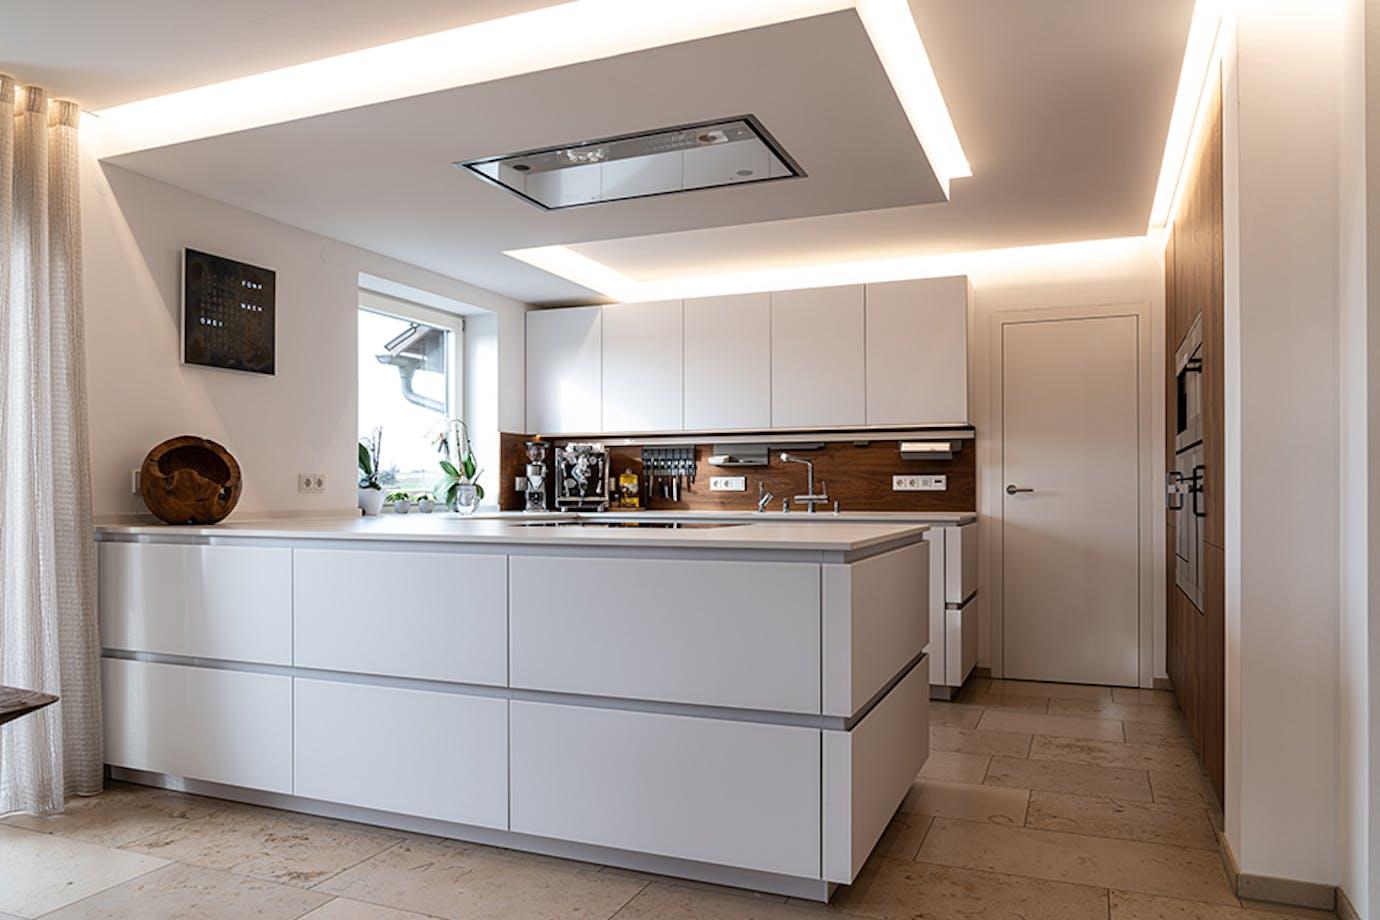 Küche mit Altholzakzente